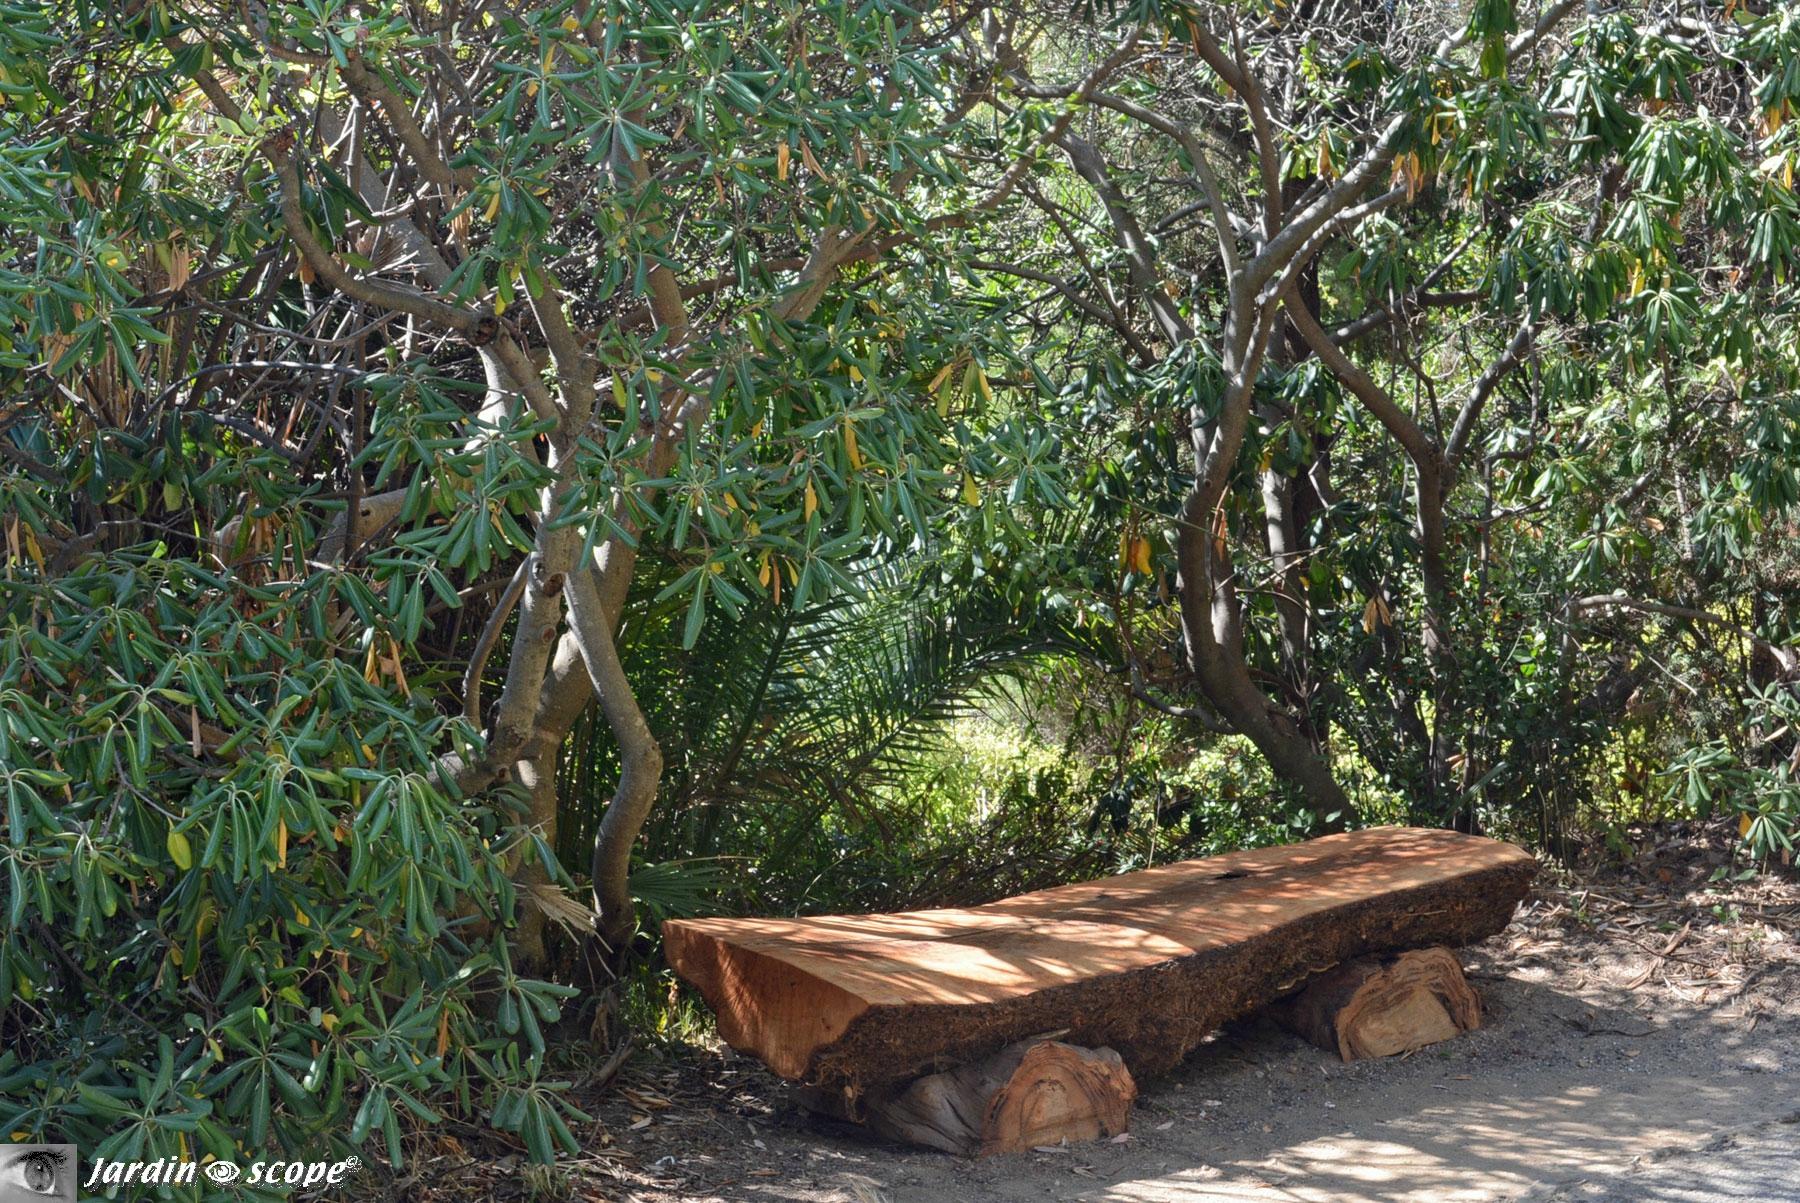 Banc tronc d'arbre au Domaine du Rayol dans le Var